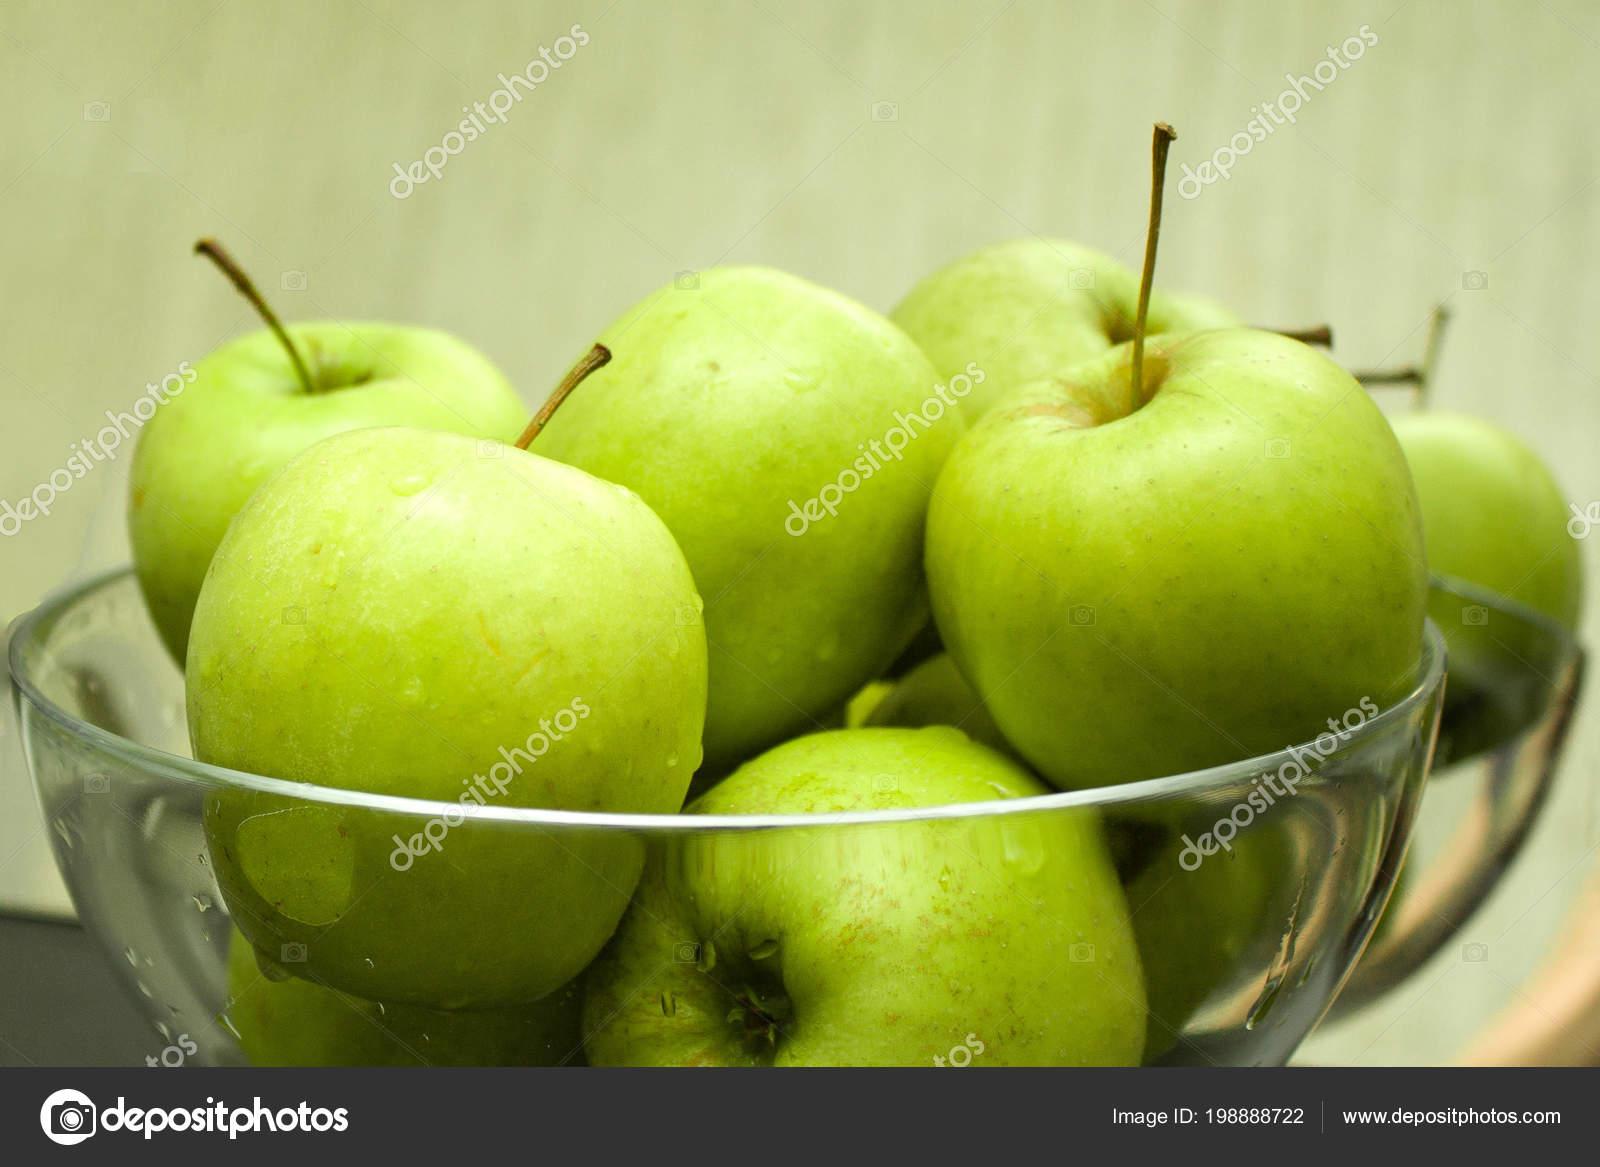 Блюда зелеными яблоками диеты здоровое питание питание вес потеря.